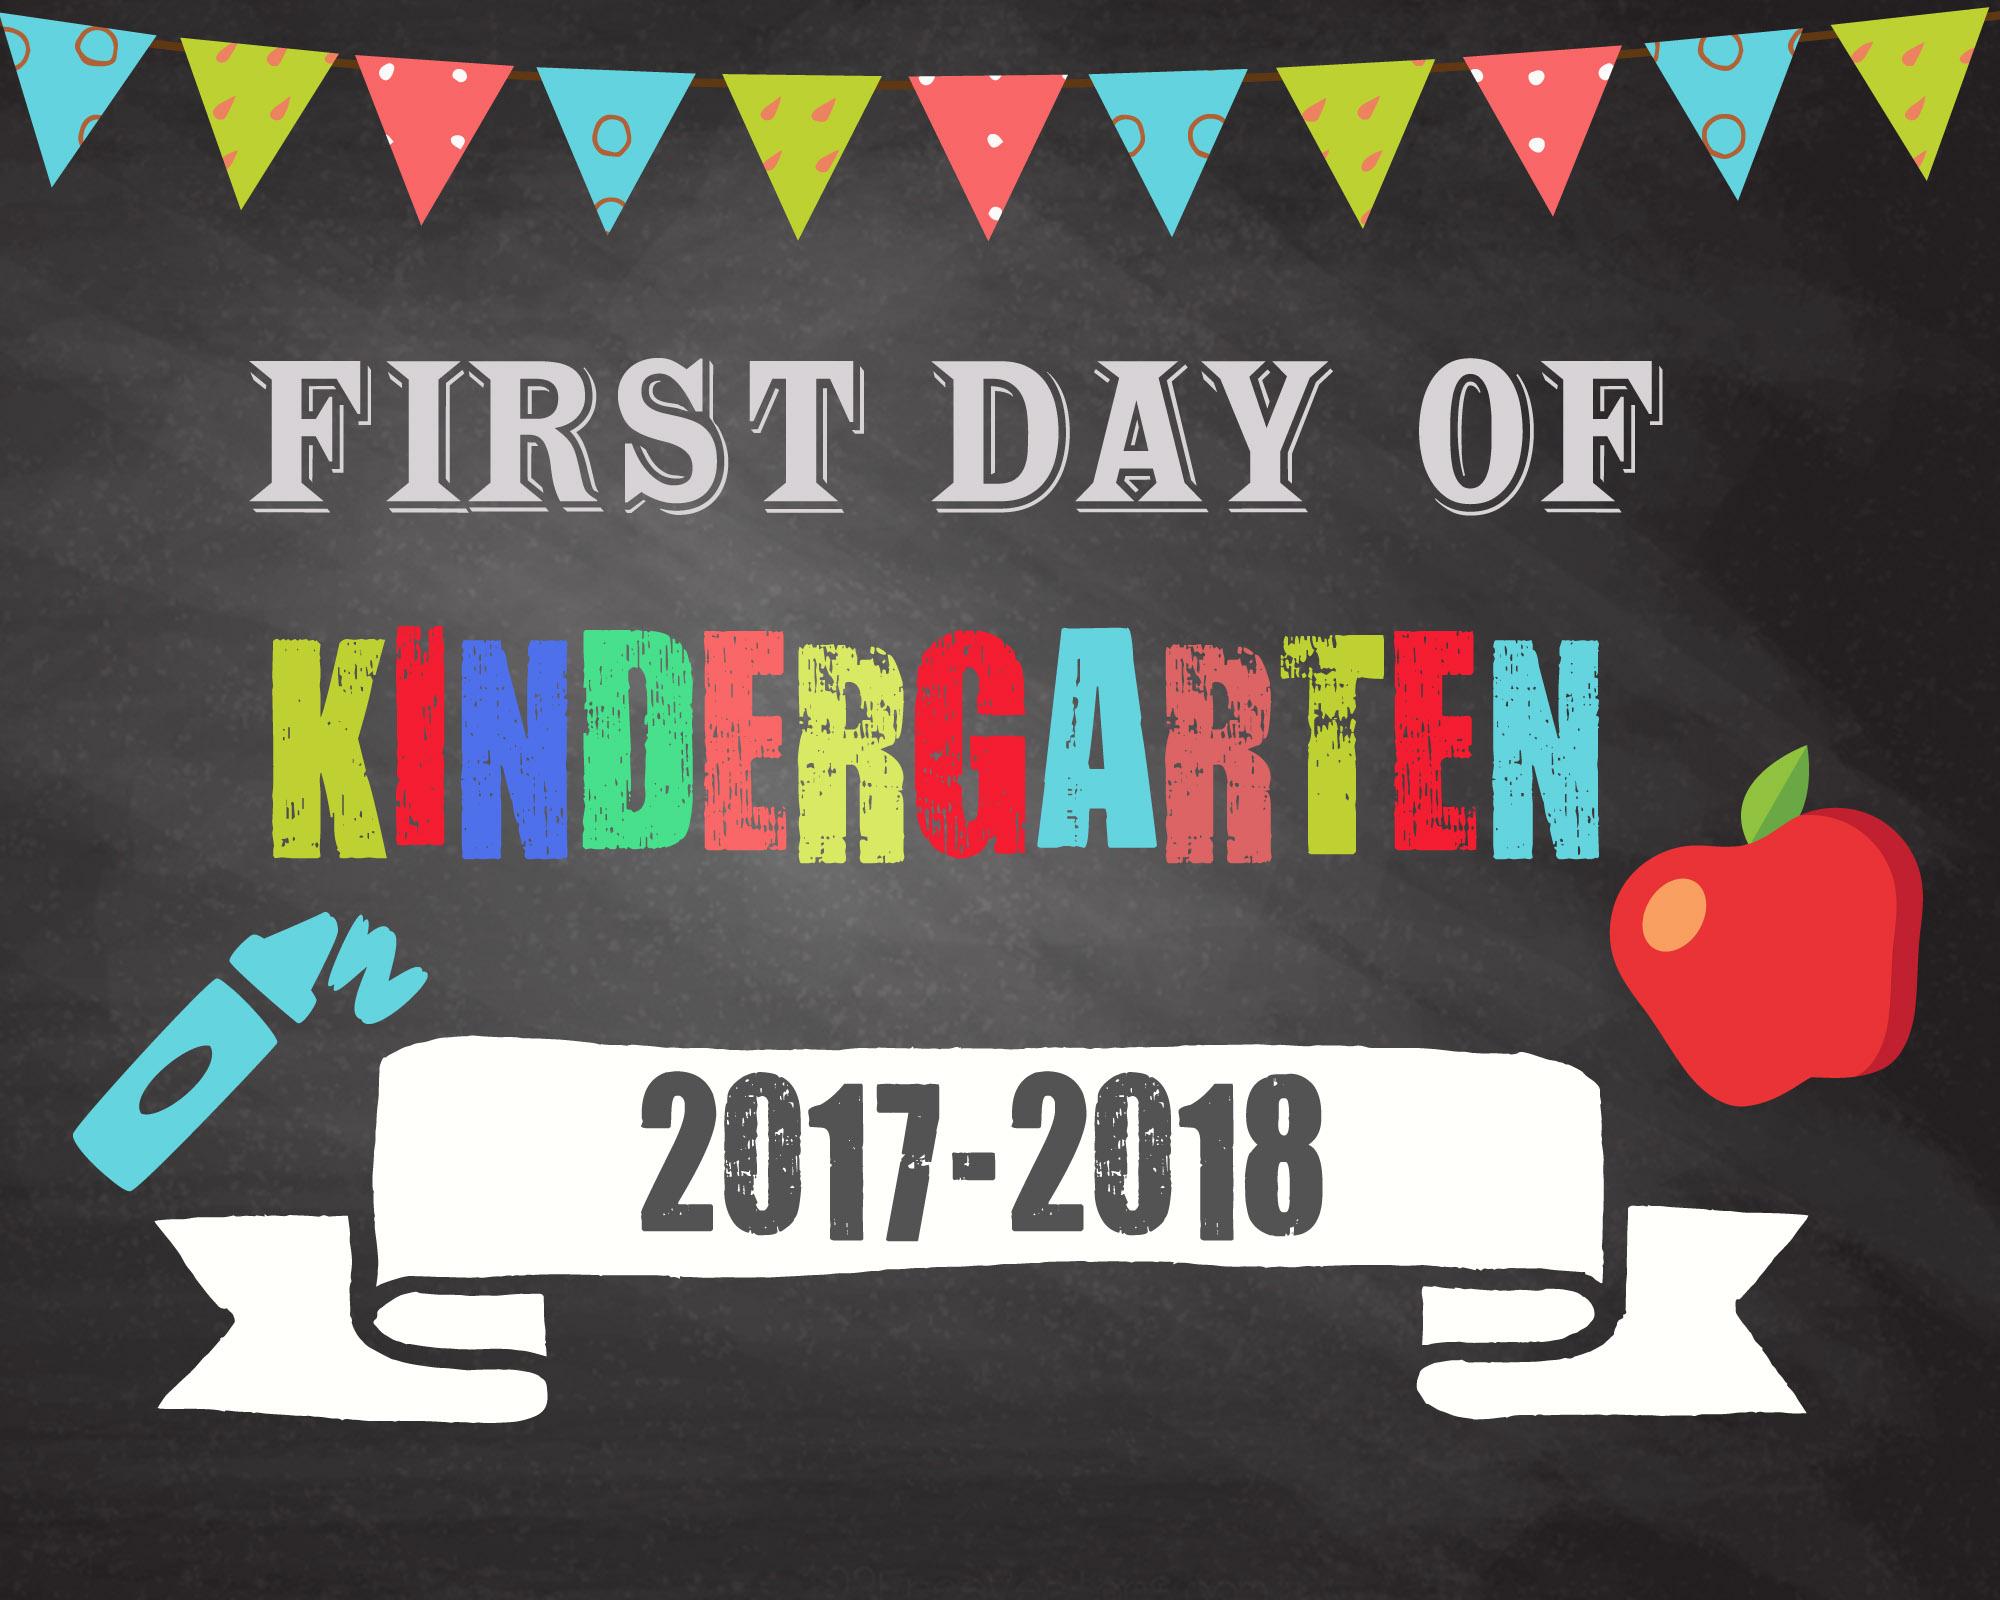 FirstDayOfKindergarten